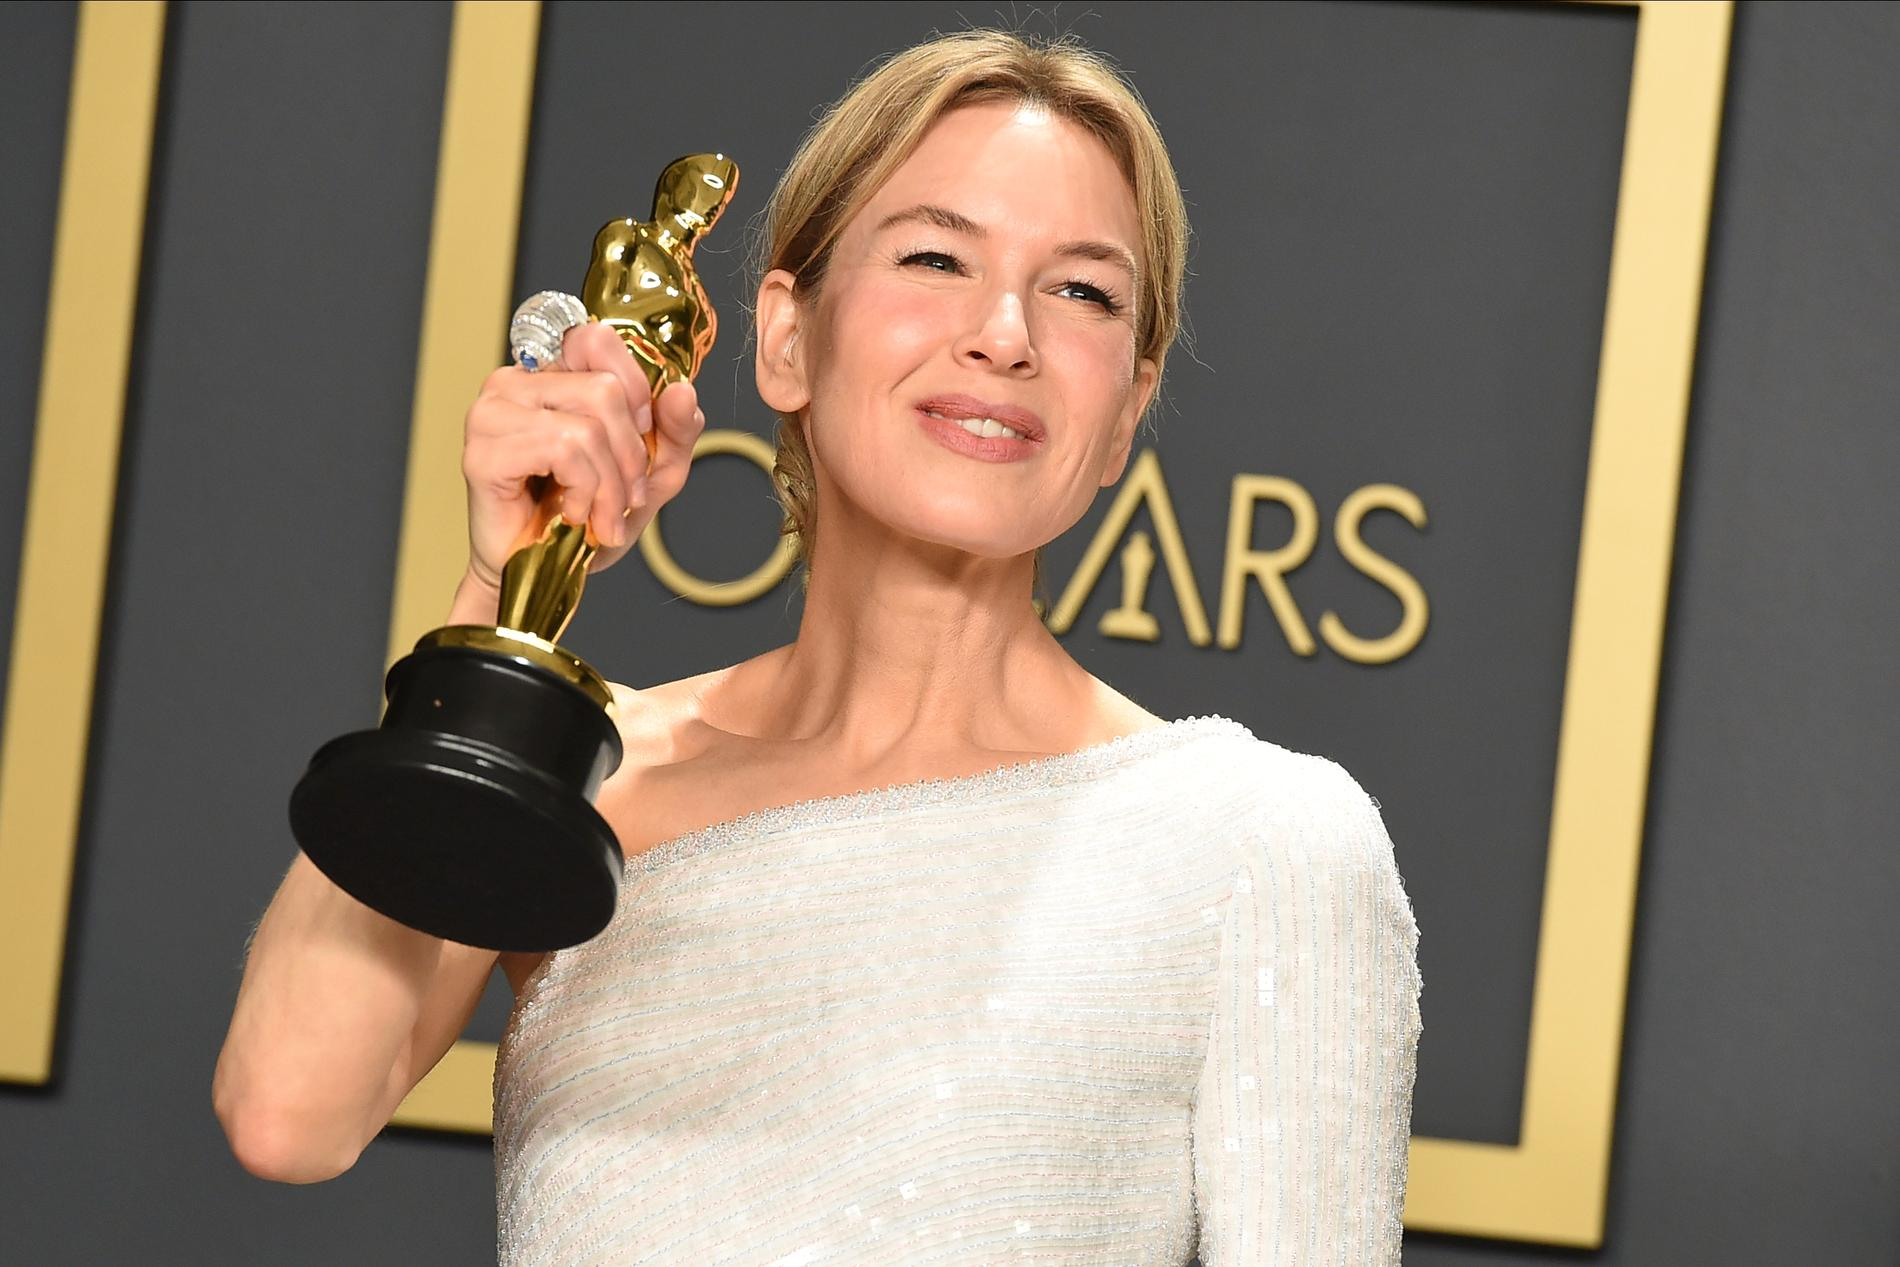 Personer som vunnit en Oscar ska kunna få visum till Storbritannien lättare än andra. Arkivbild.